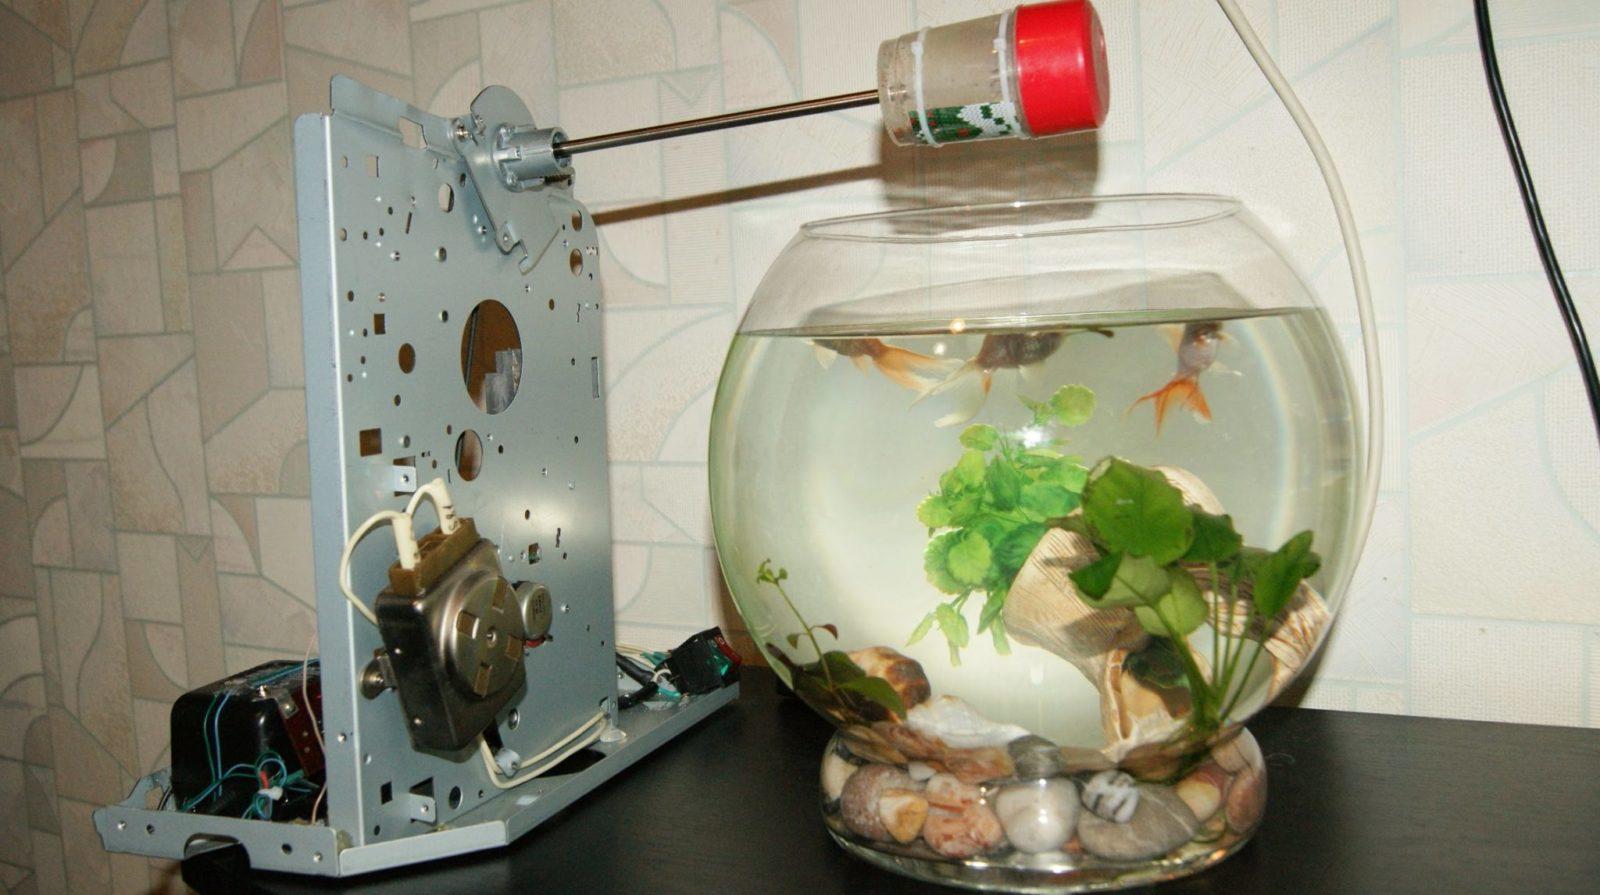 Автокормушка для рыб своими руками — фото,видео,обзор,описание.